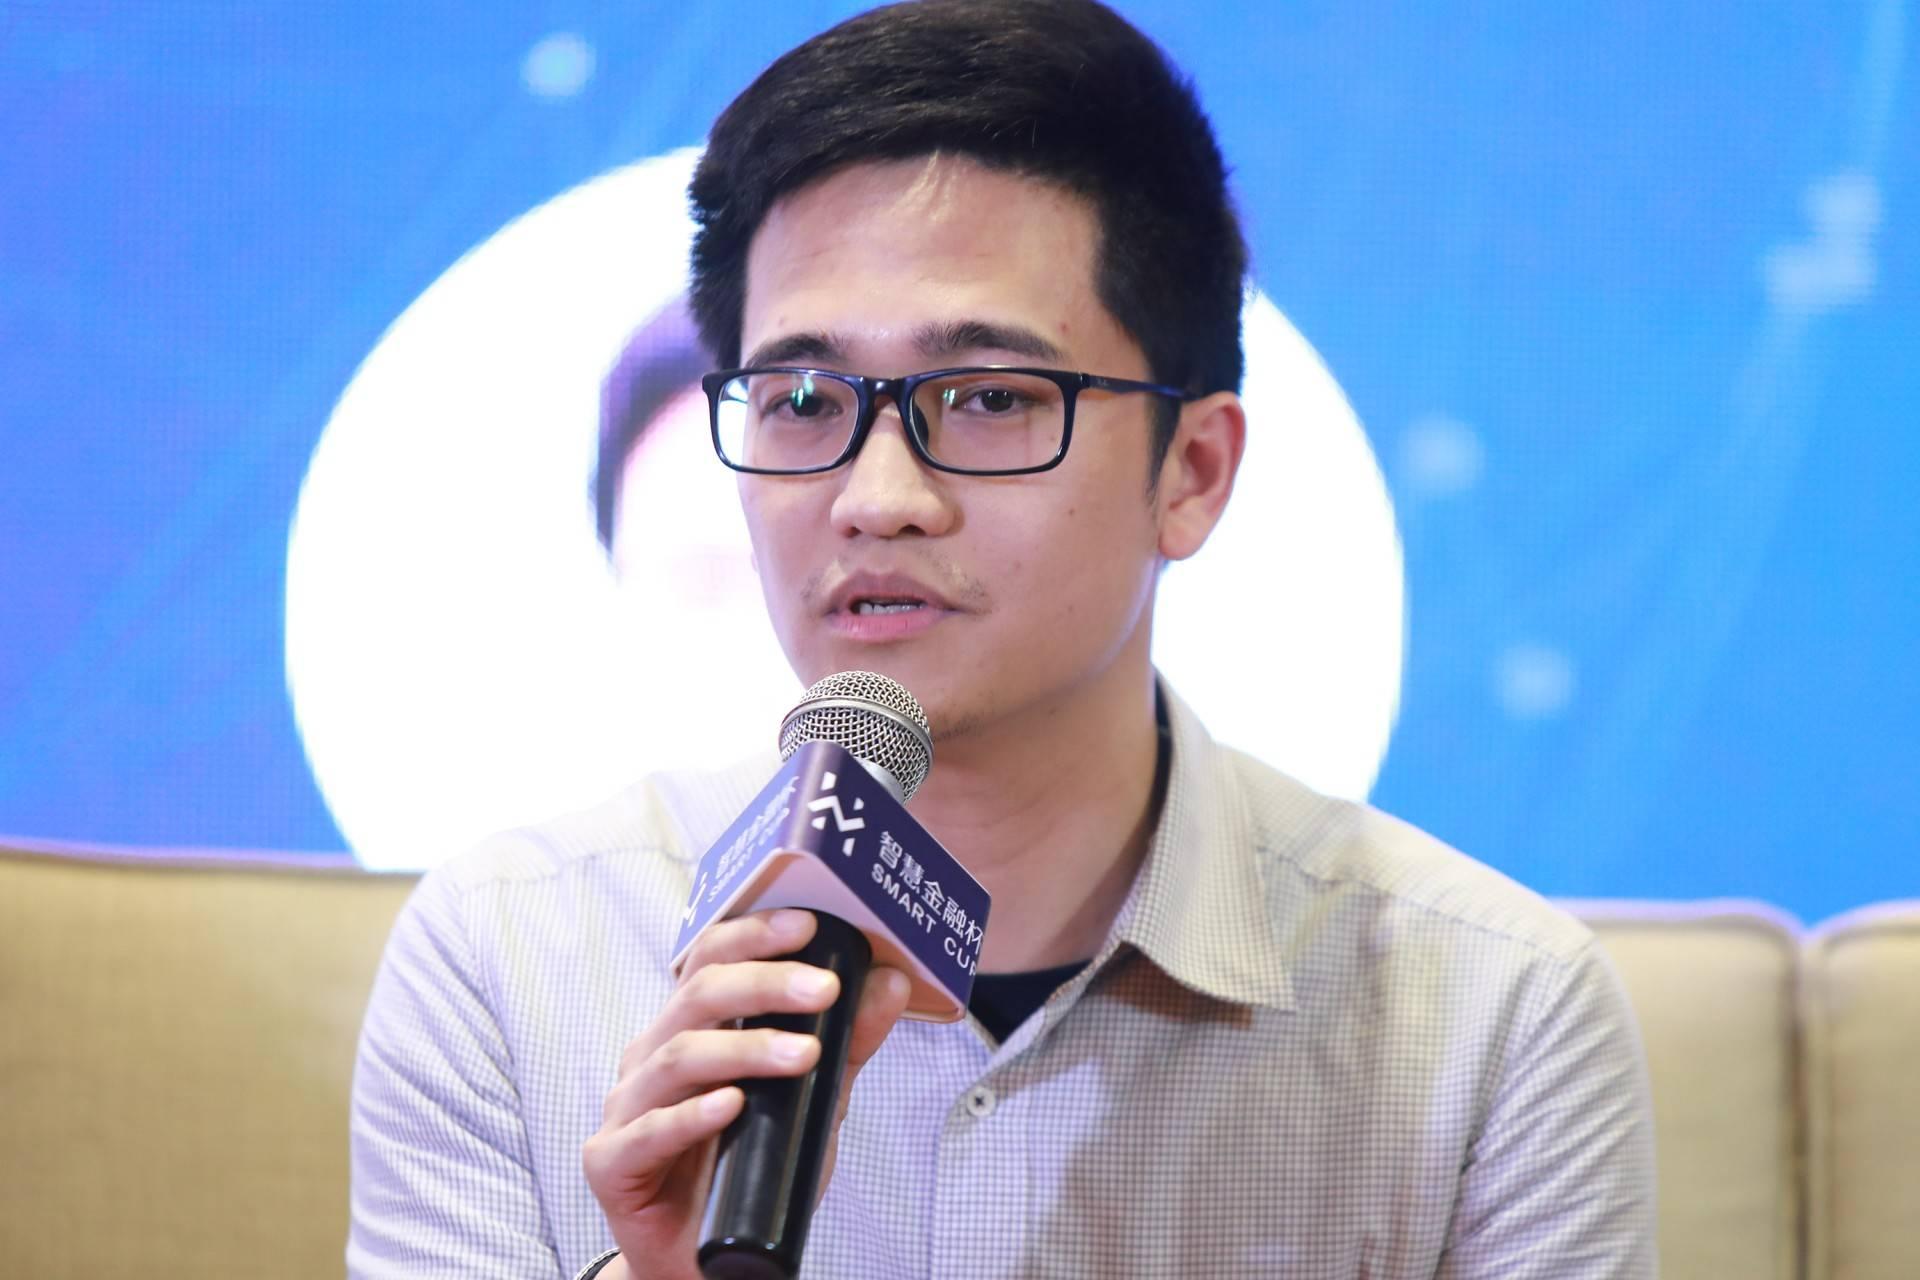 刘永冲 广州博牛私募证券投资管理有限公司总经理 (2).jpg